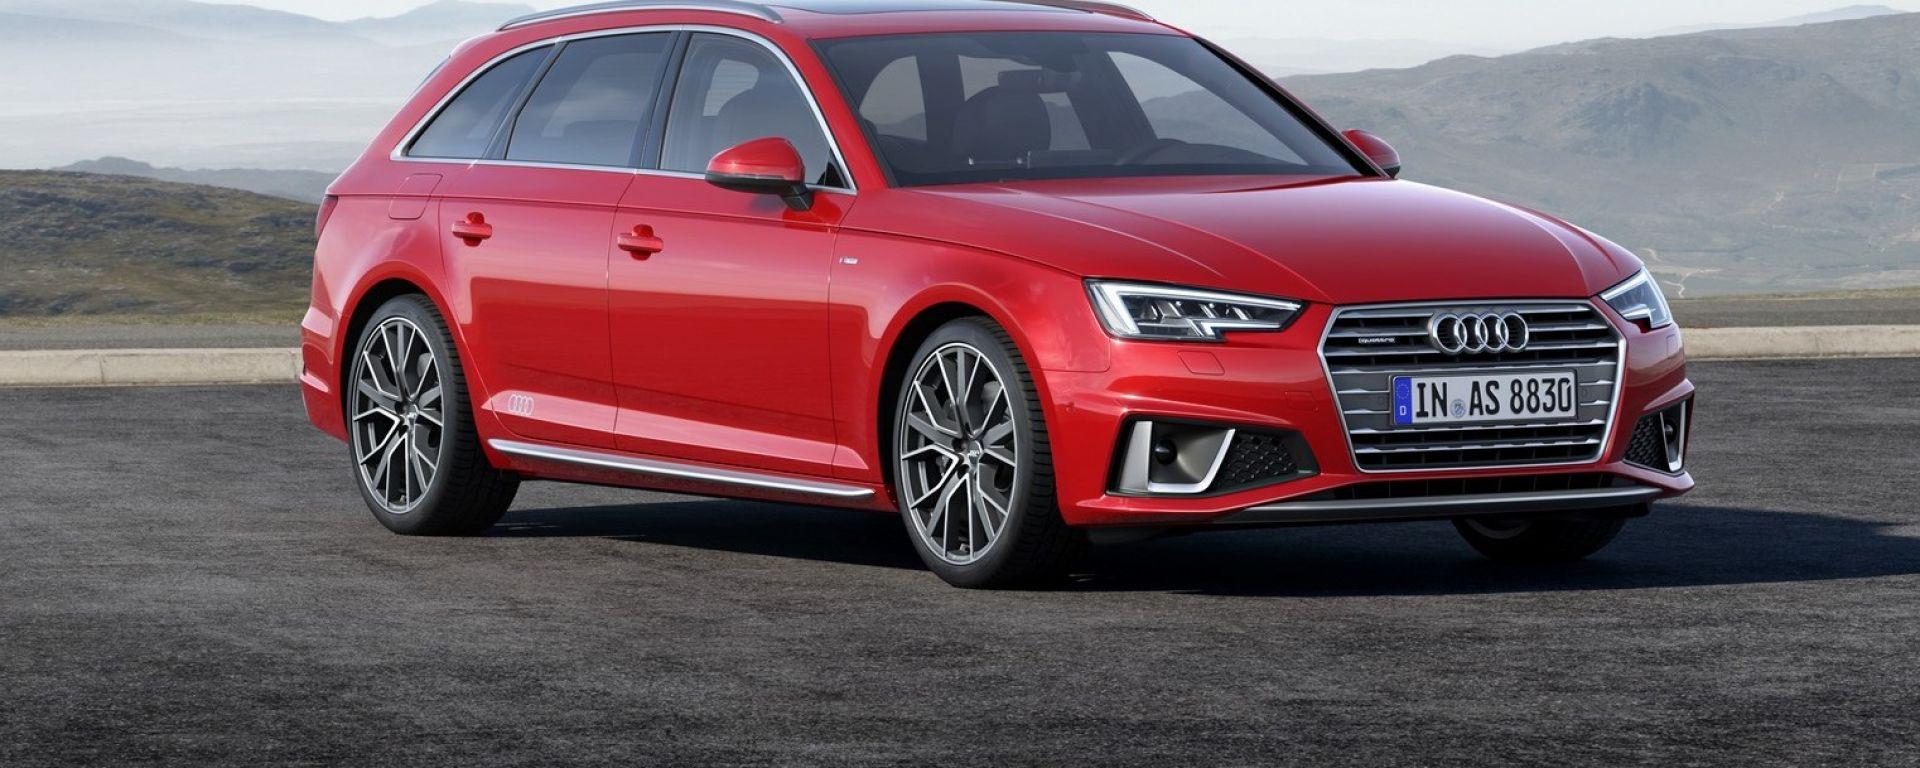 Nuova Audi A4 E A4 Avant Restyling 2019 Dotazioni Prezzi